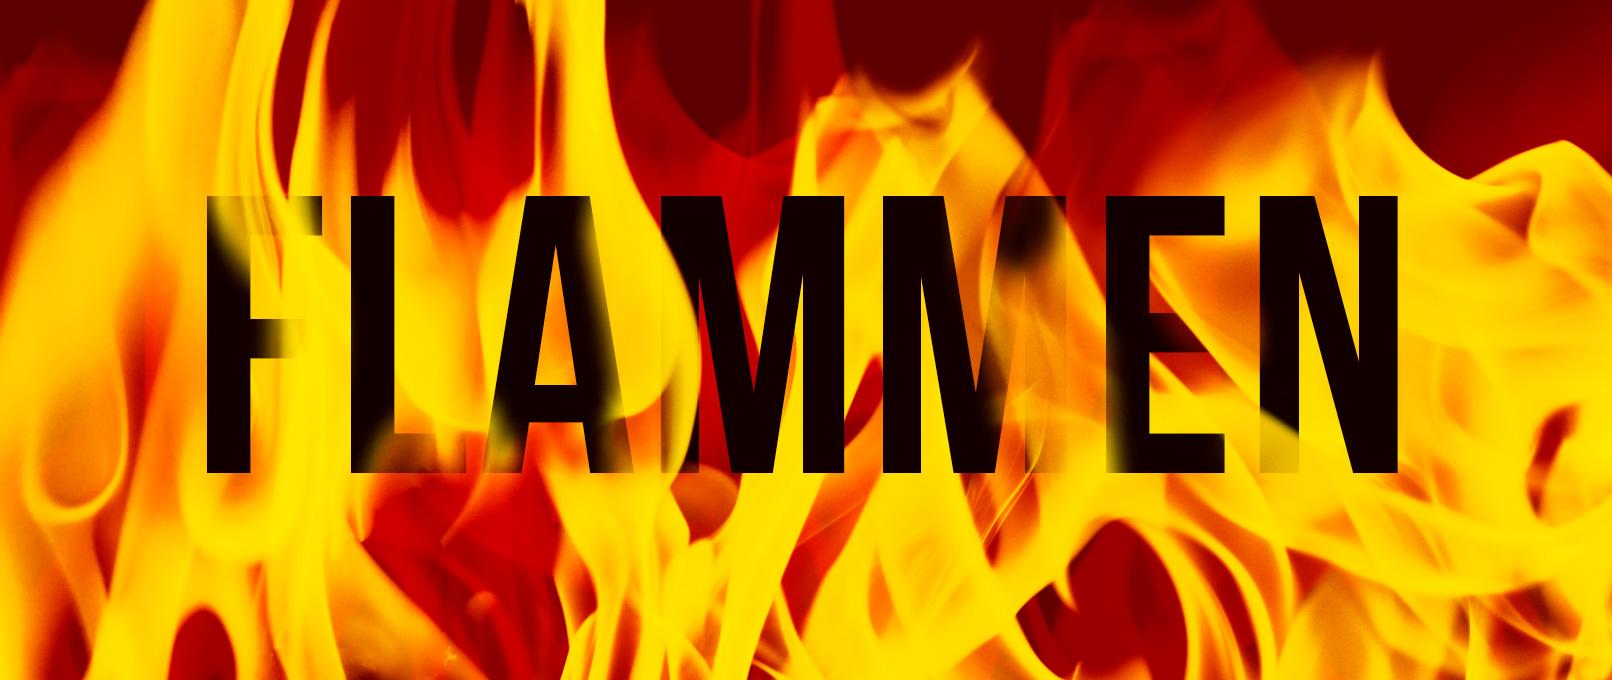 Schriftzug, überlagert von Feuer und Flammen, eingefügt mit Pinseln